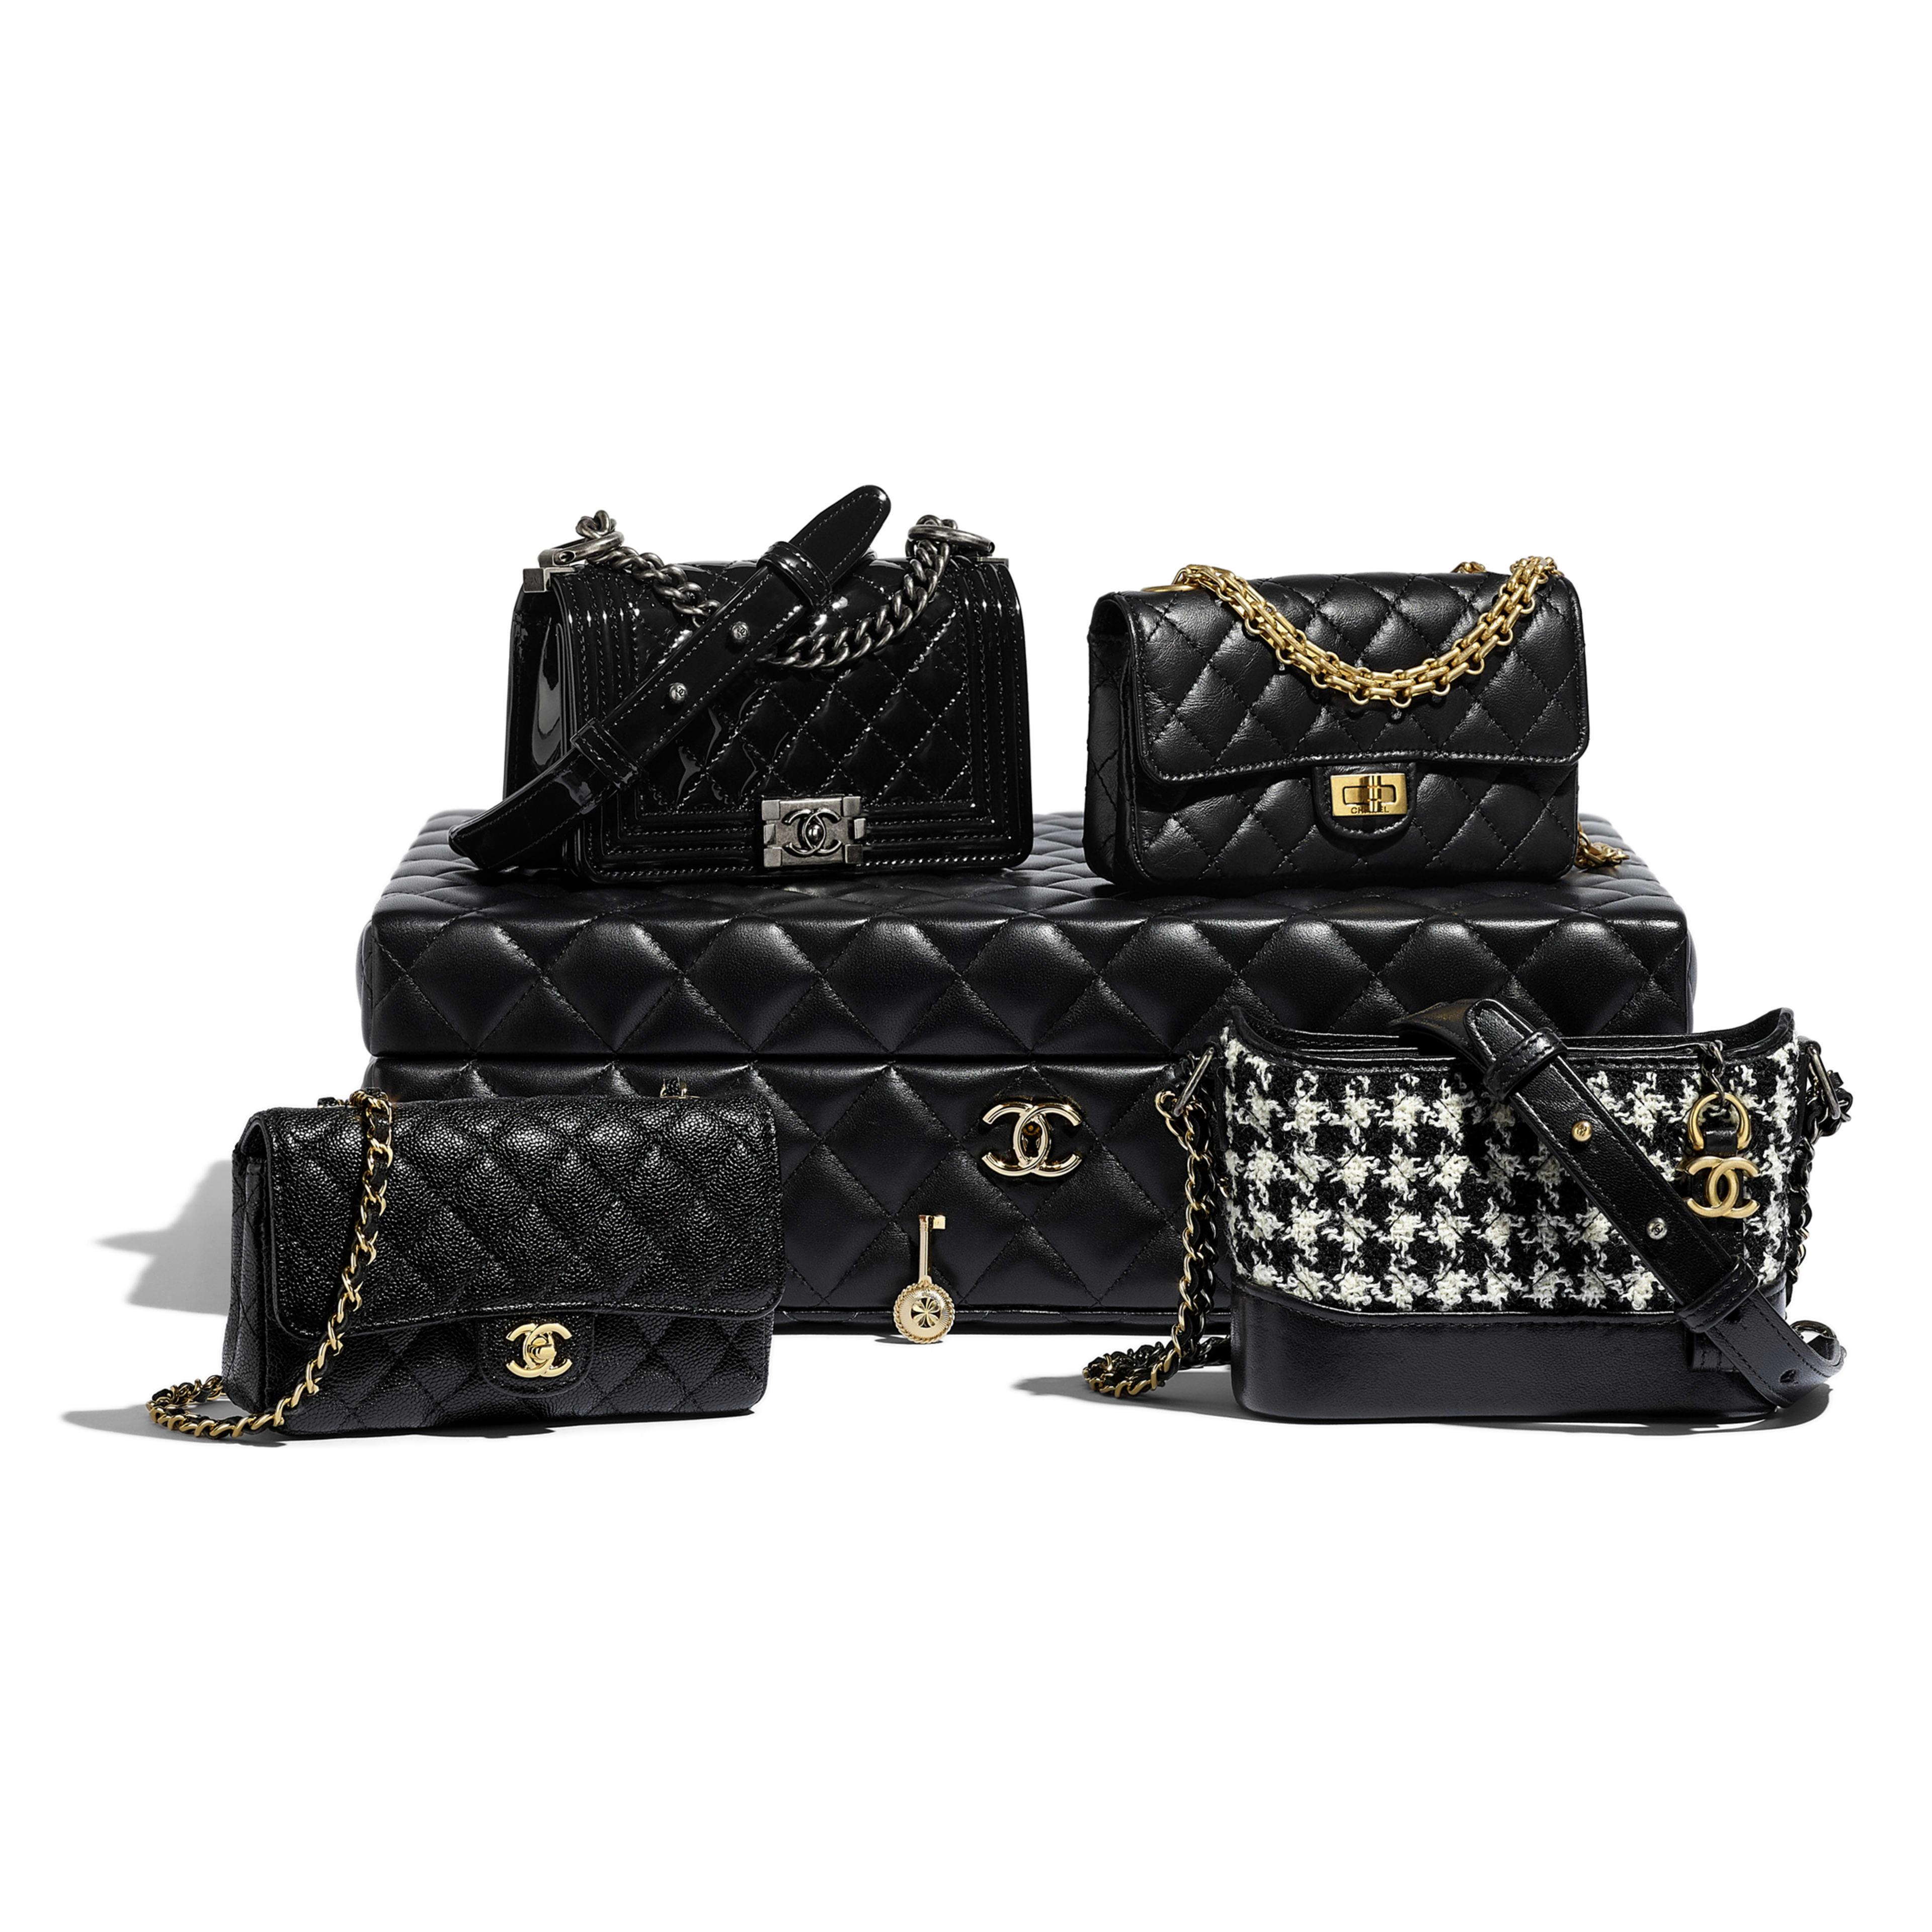 Chanel Borse Italia.Set Di 4 Mini Borse Pelle Di Agnello Pelle Tweed Metallo Effetto Dorato Argentato Finitura Rutenio Chanel